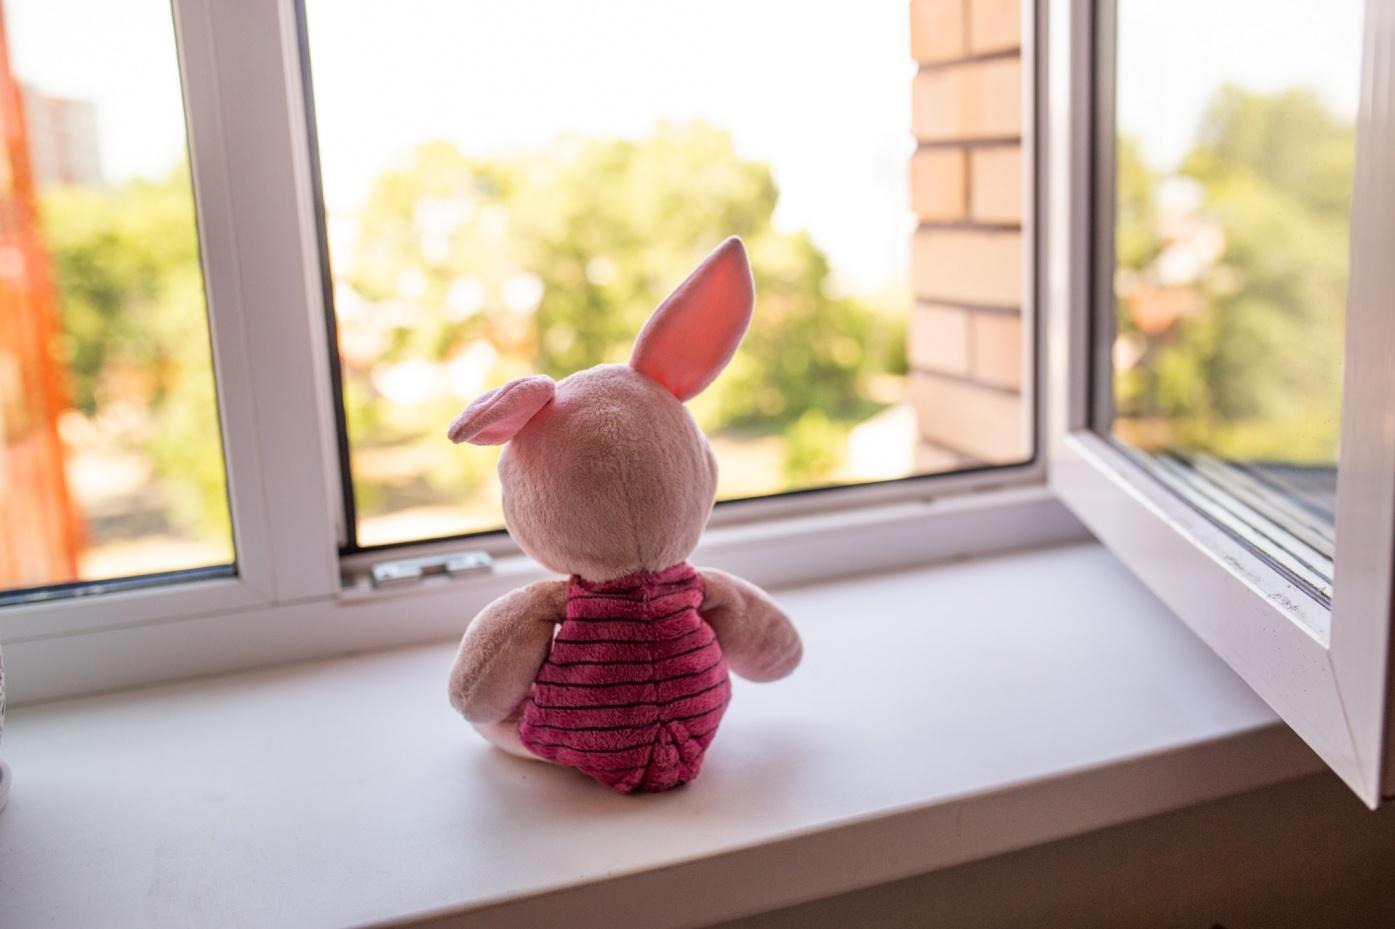 В Рыбинске из окна третьего этажа выпал малыш